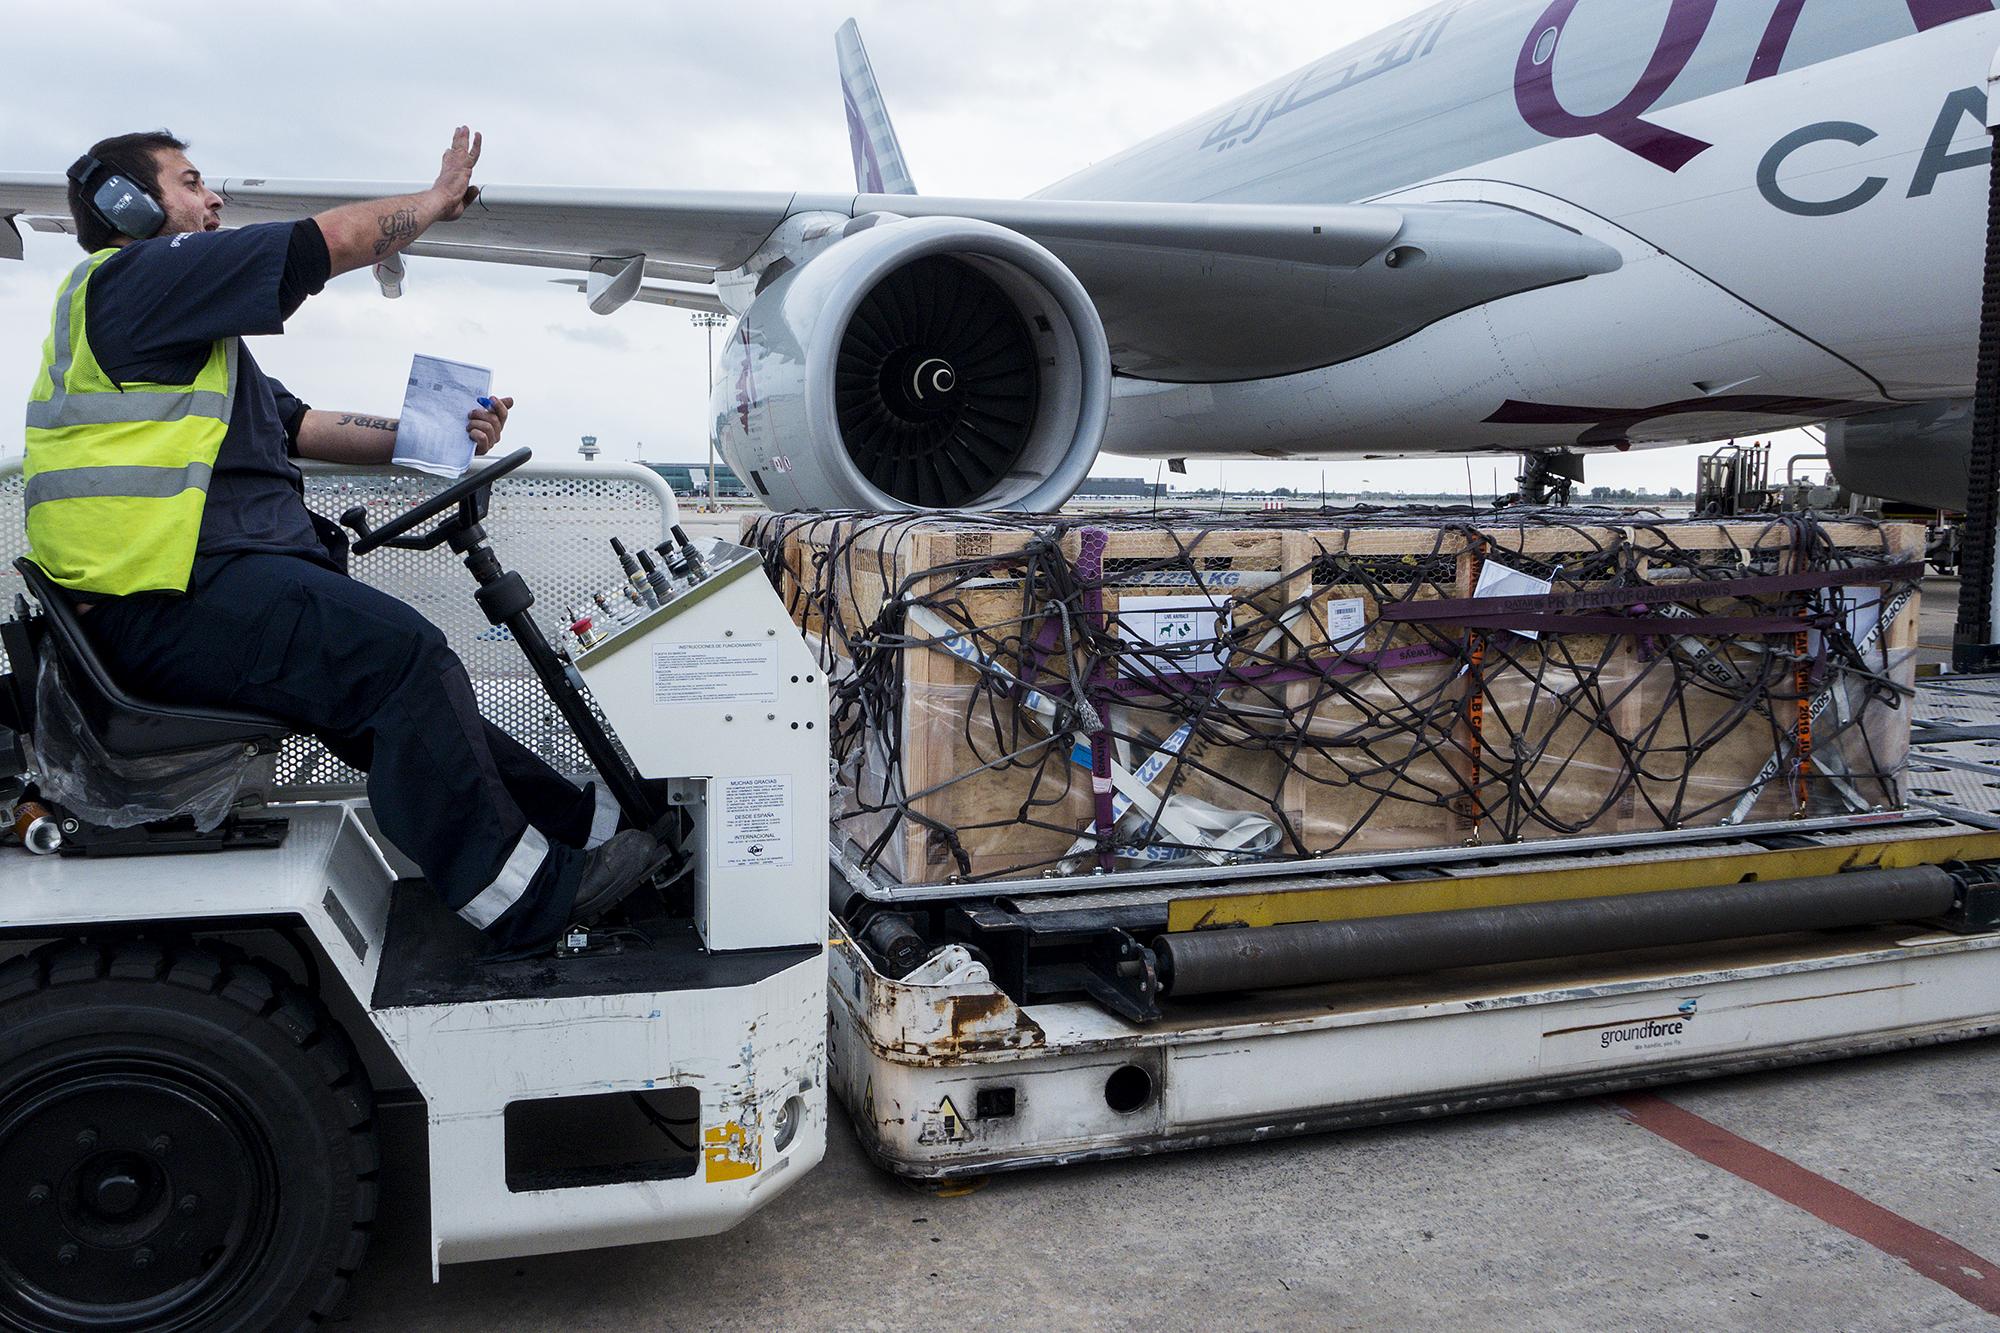 servicios-transporte-morarte-logistics-aereo